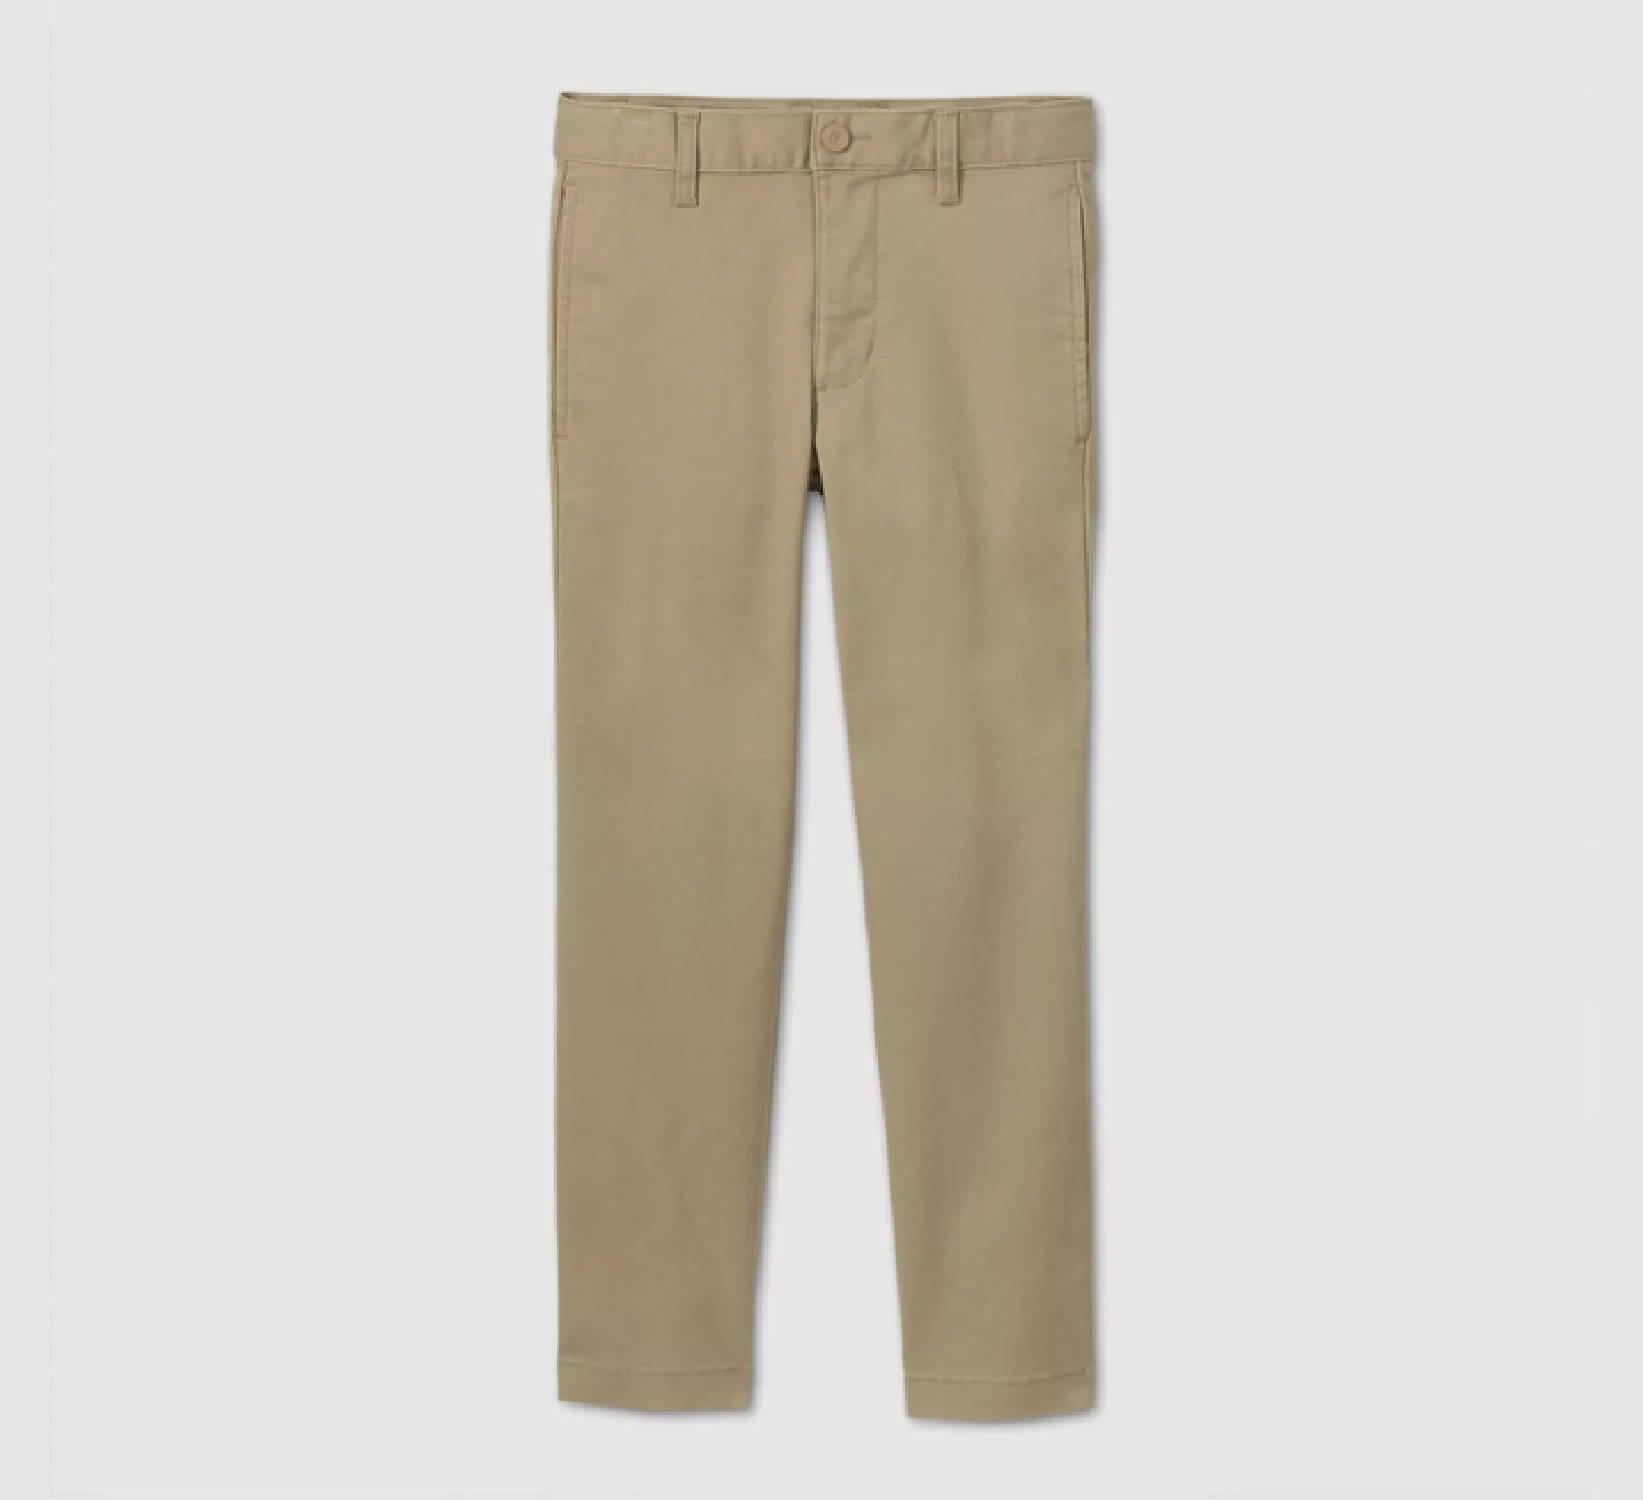 Ring Bearer Khaki Pants